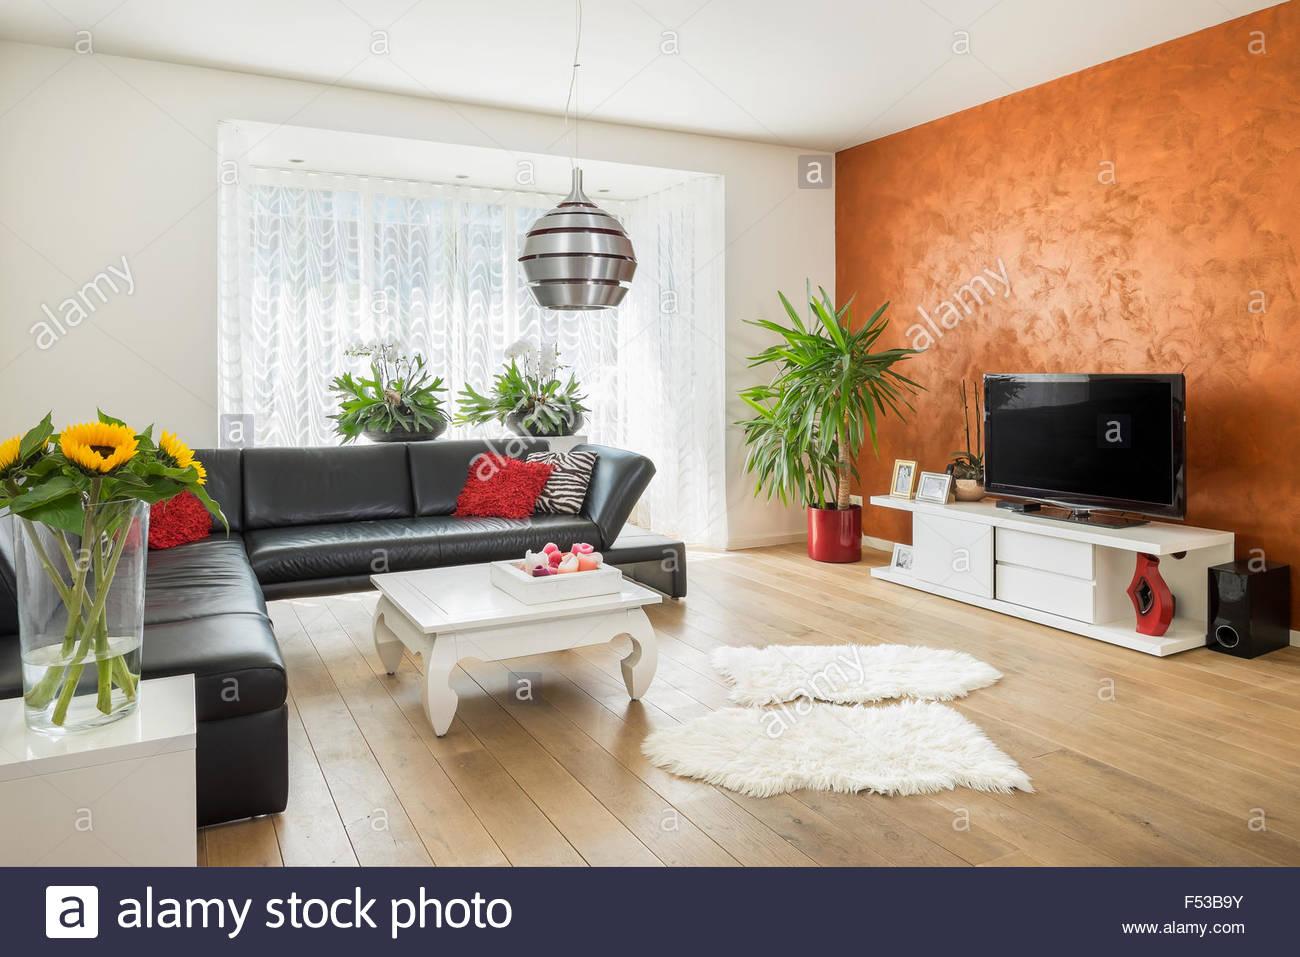 Inspirierend Haus Einrichtung Ideen Von Moderne, Helle Mit Holzboden Und Orange Wand